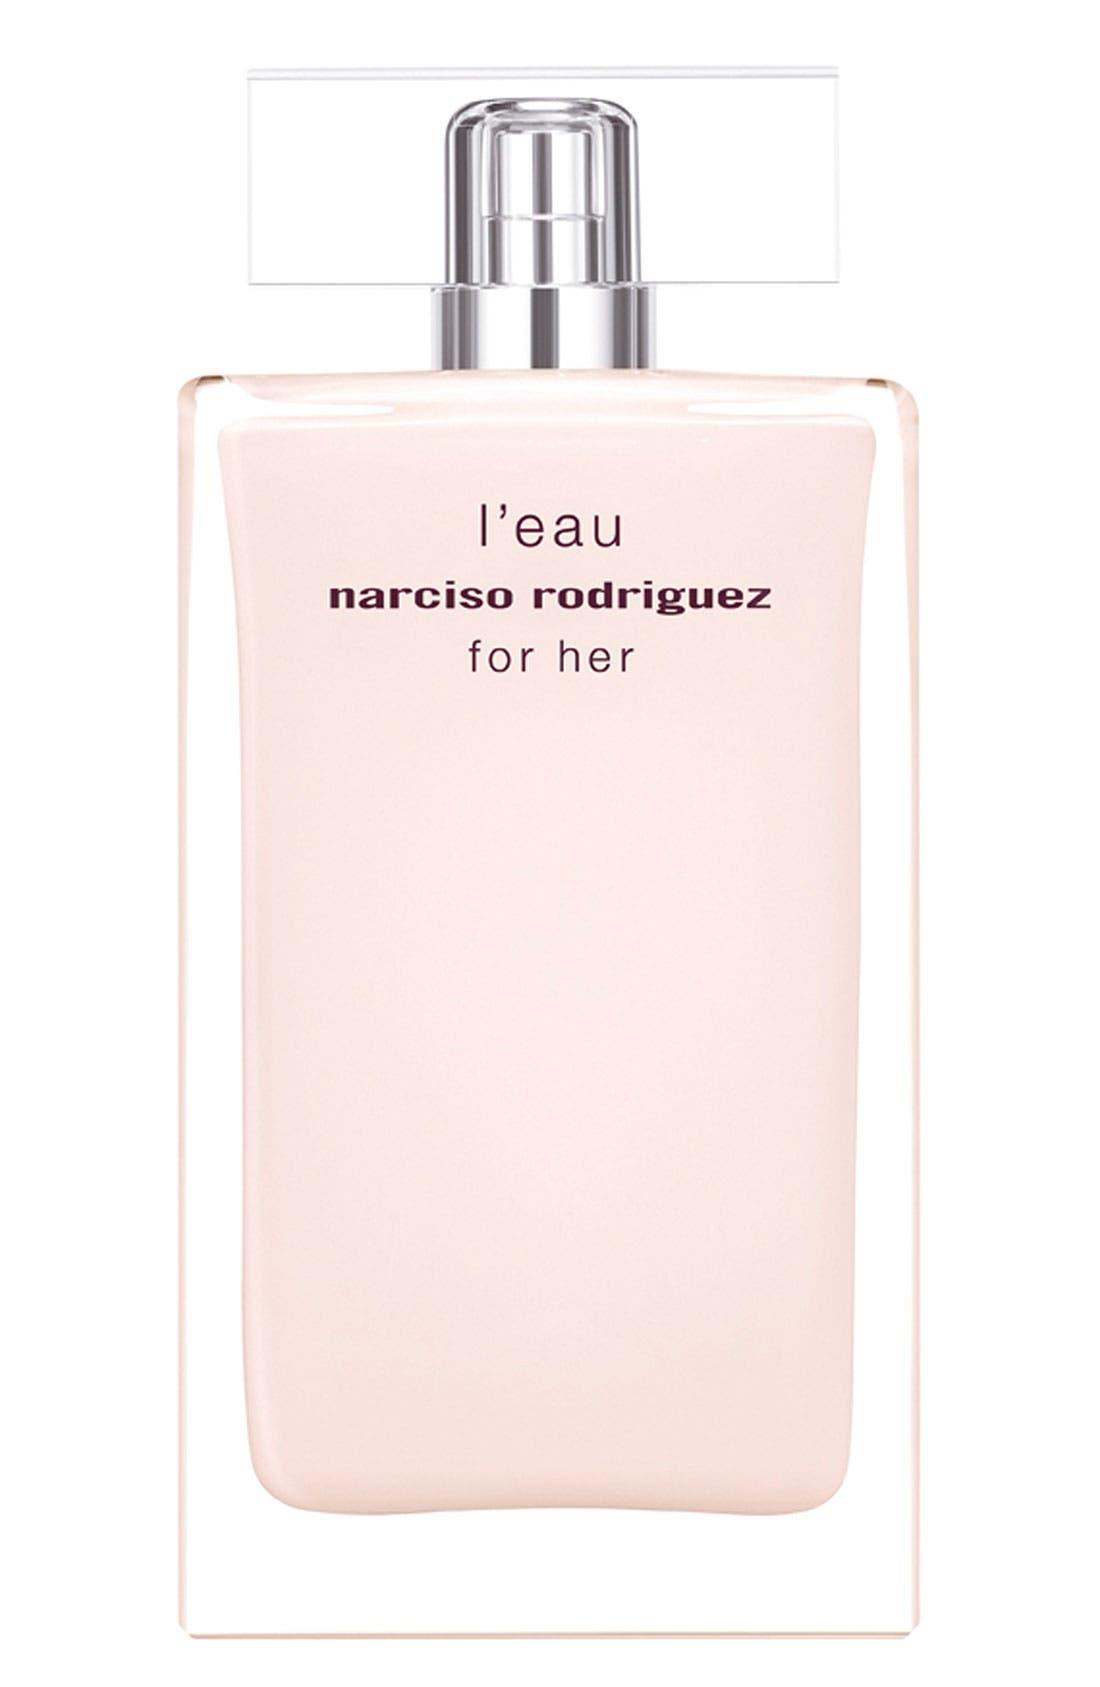 Narciso Rodriguez 'L'Eau for Her' Eau de Toilette